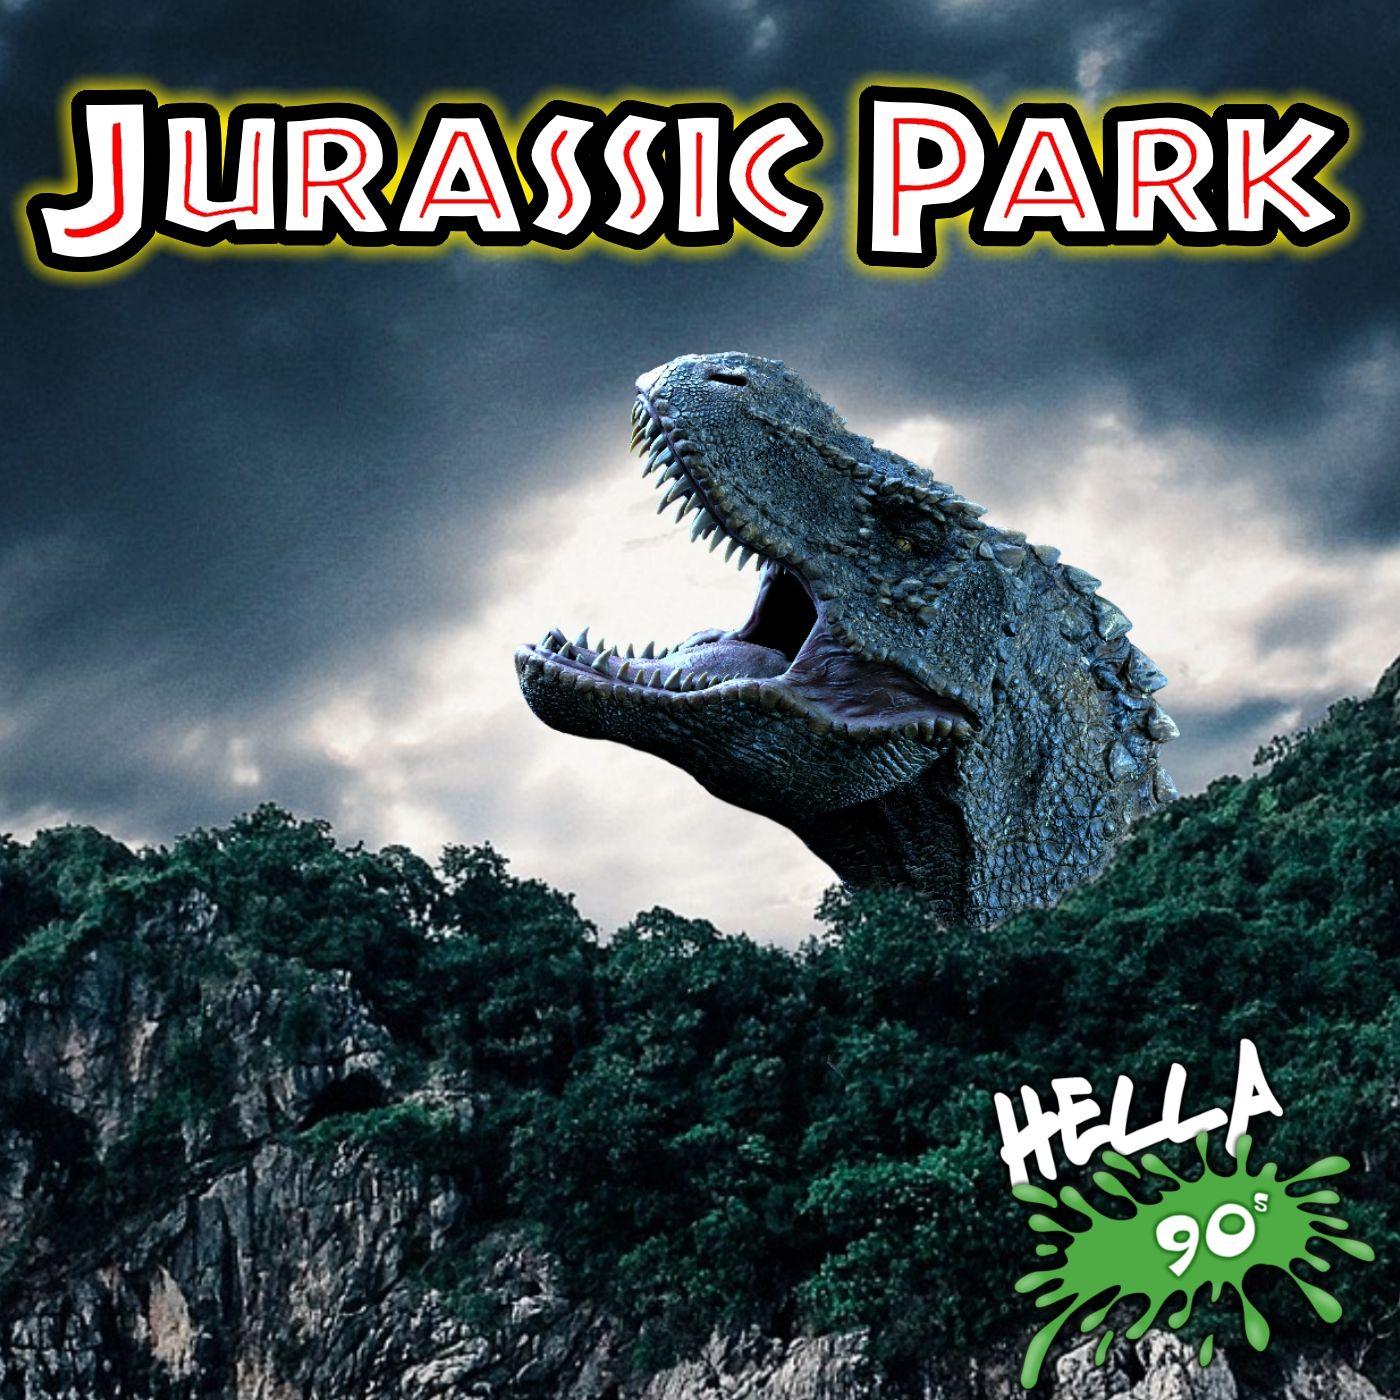 Jurassic Park: A Relaxing Destination